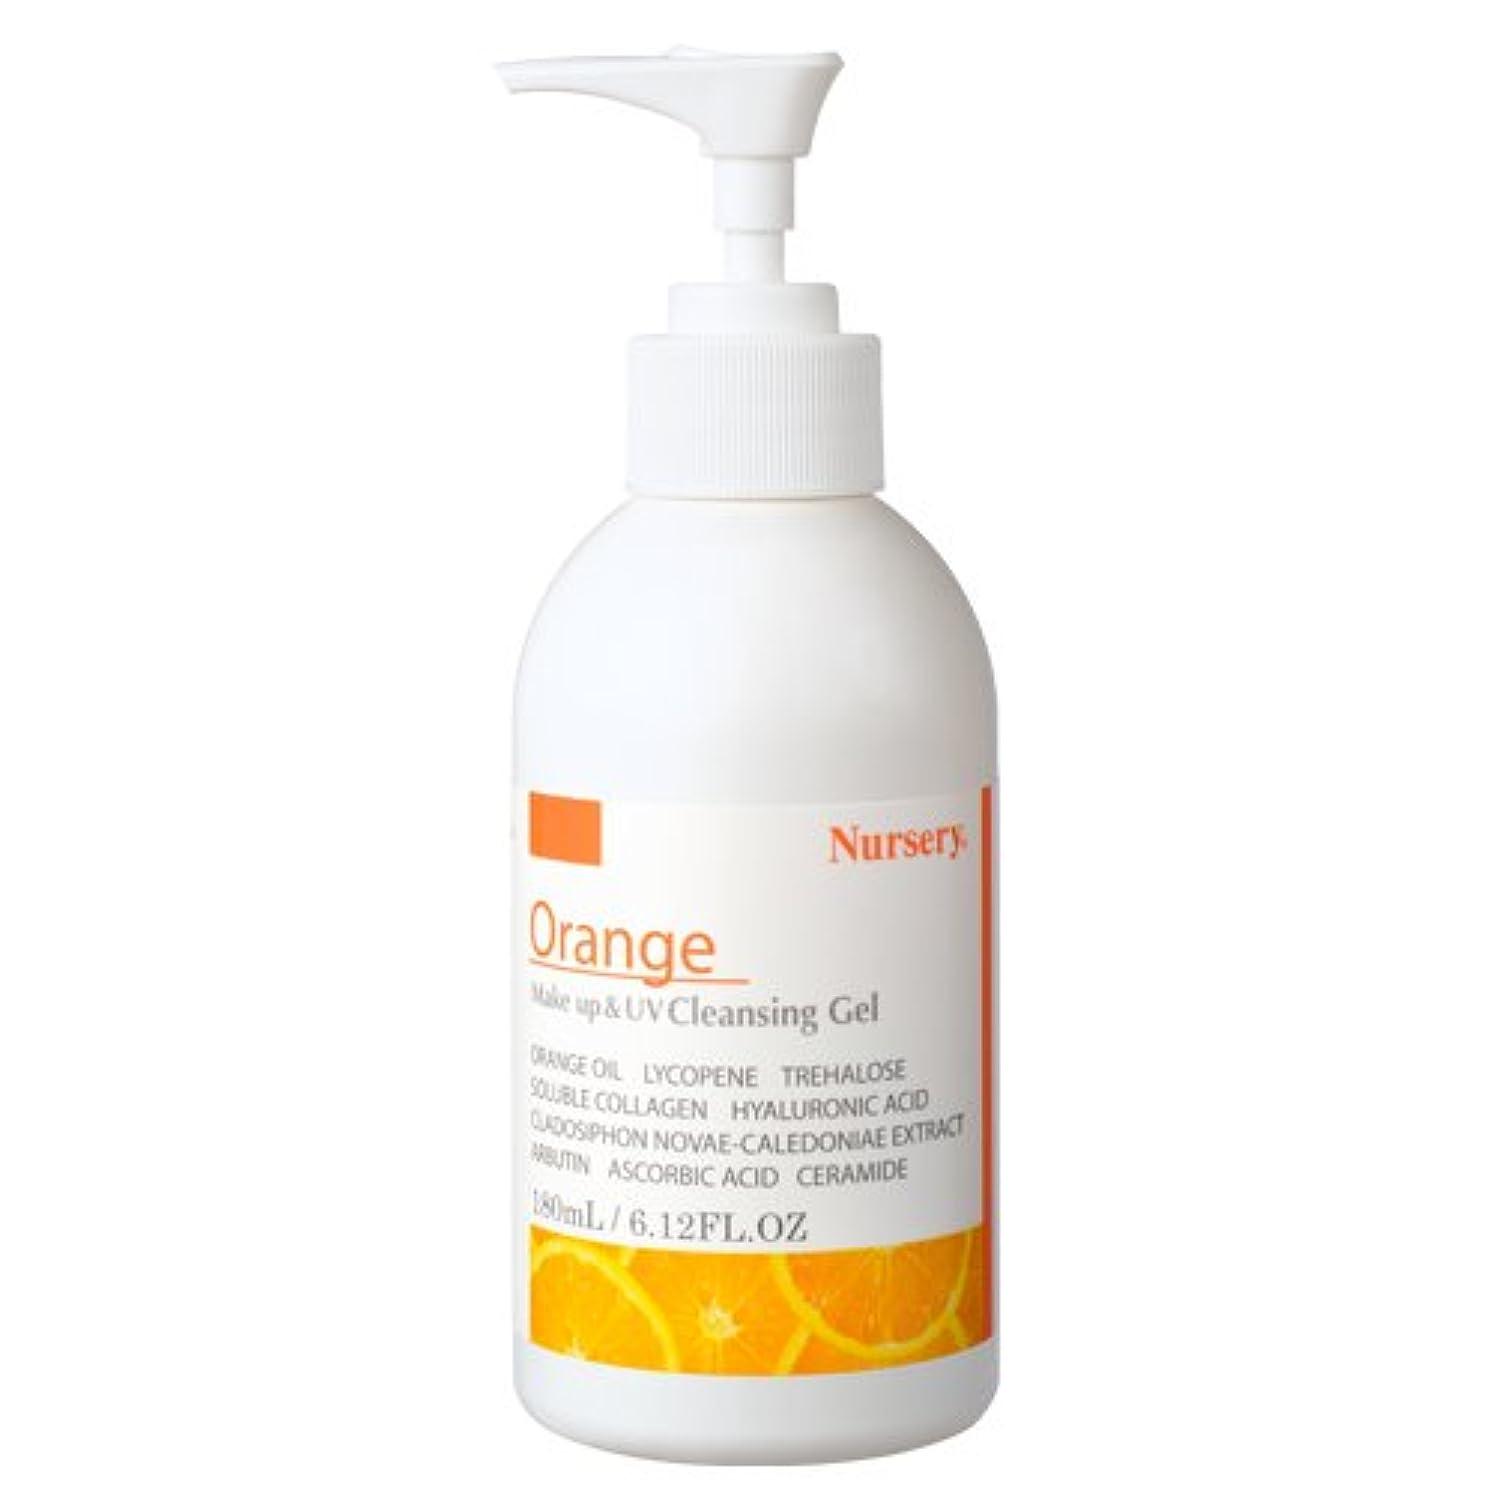 取るに足らない軽乳白ナーセリー Wクレンジングジェル オレンジ 180mL